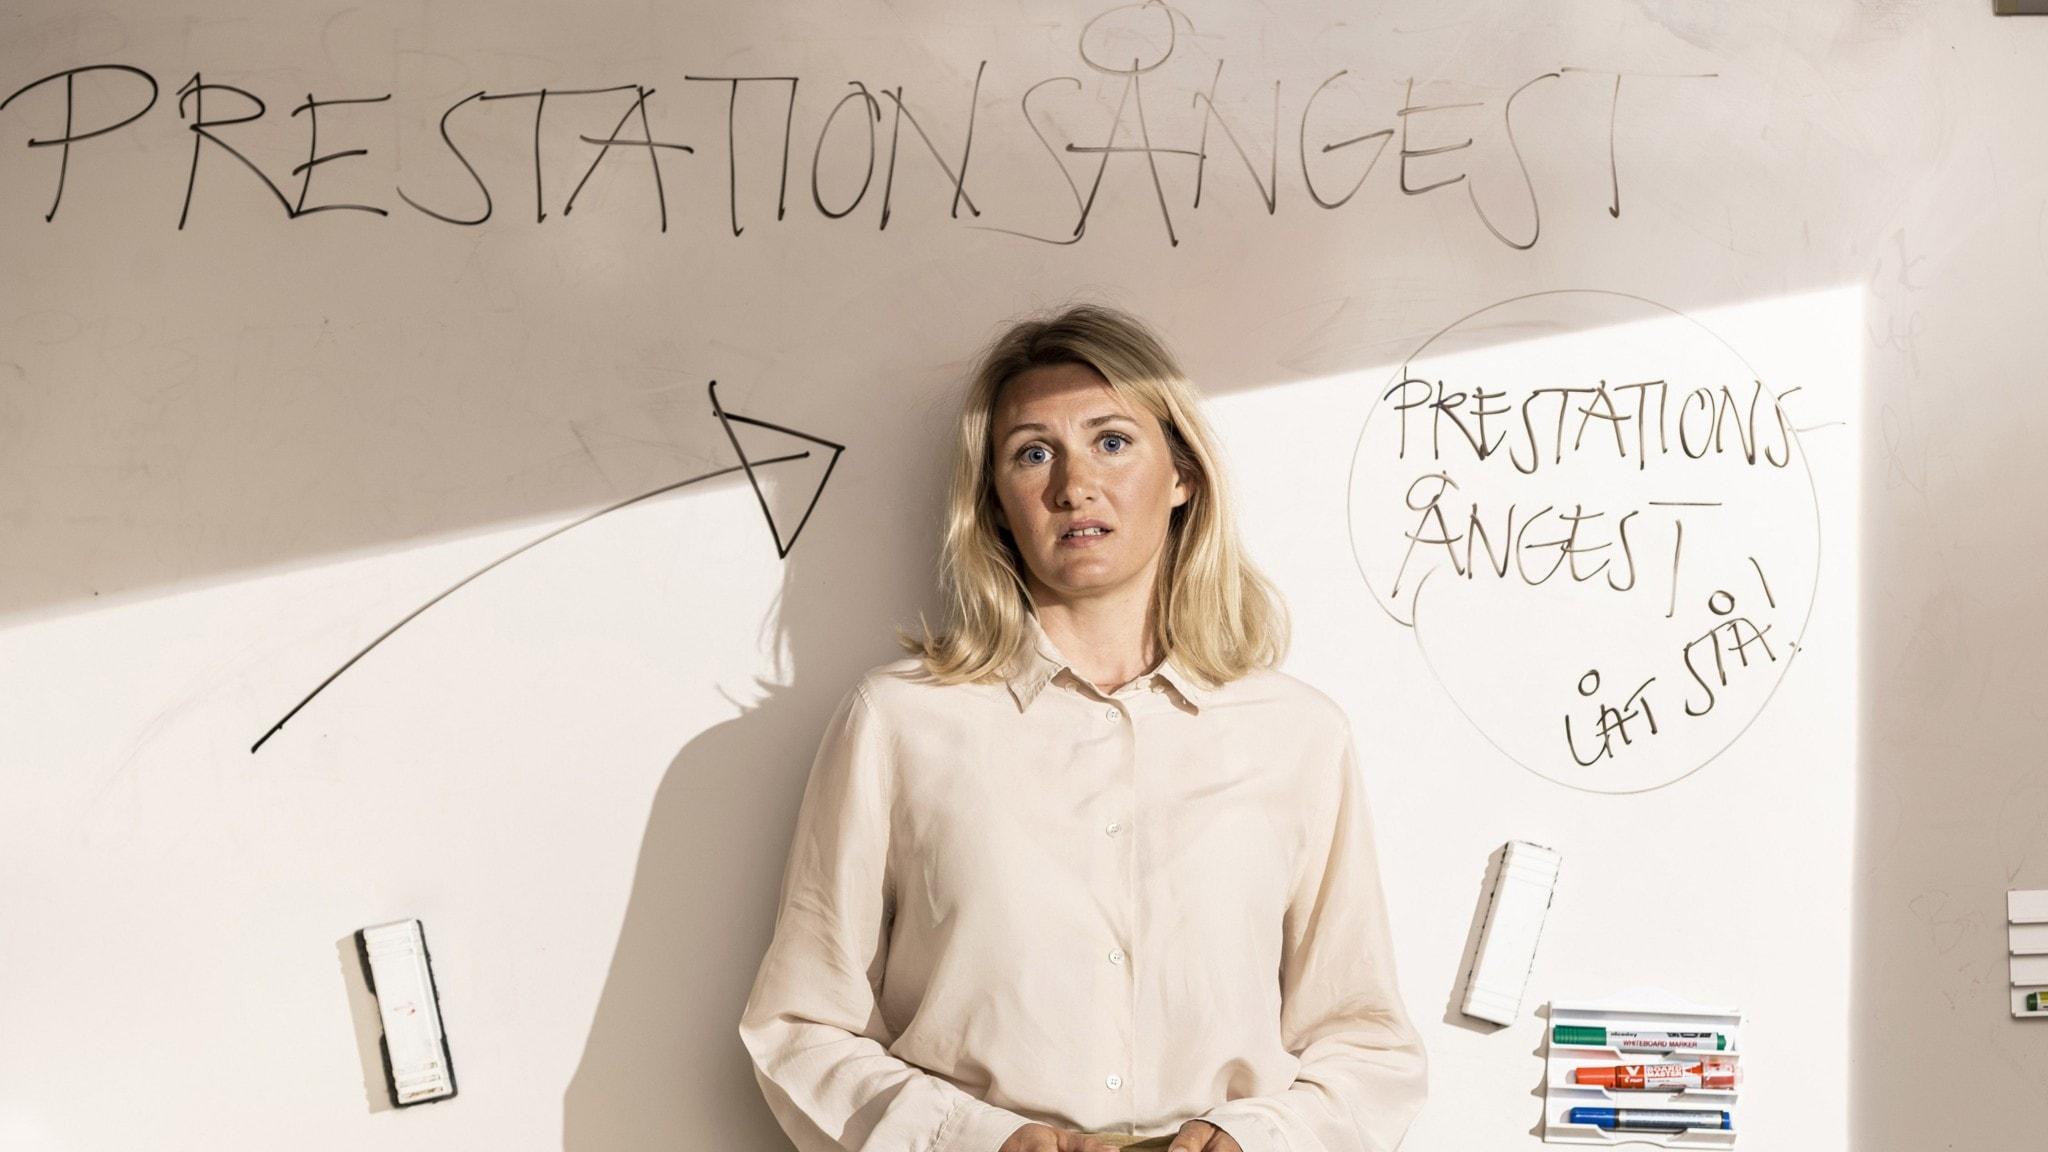 Komikern Sissela Benn i Lektionen för livet: Prestationsångest.